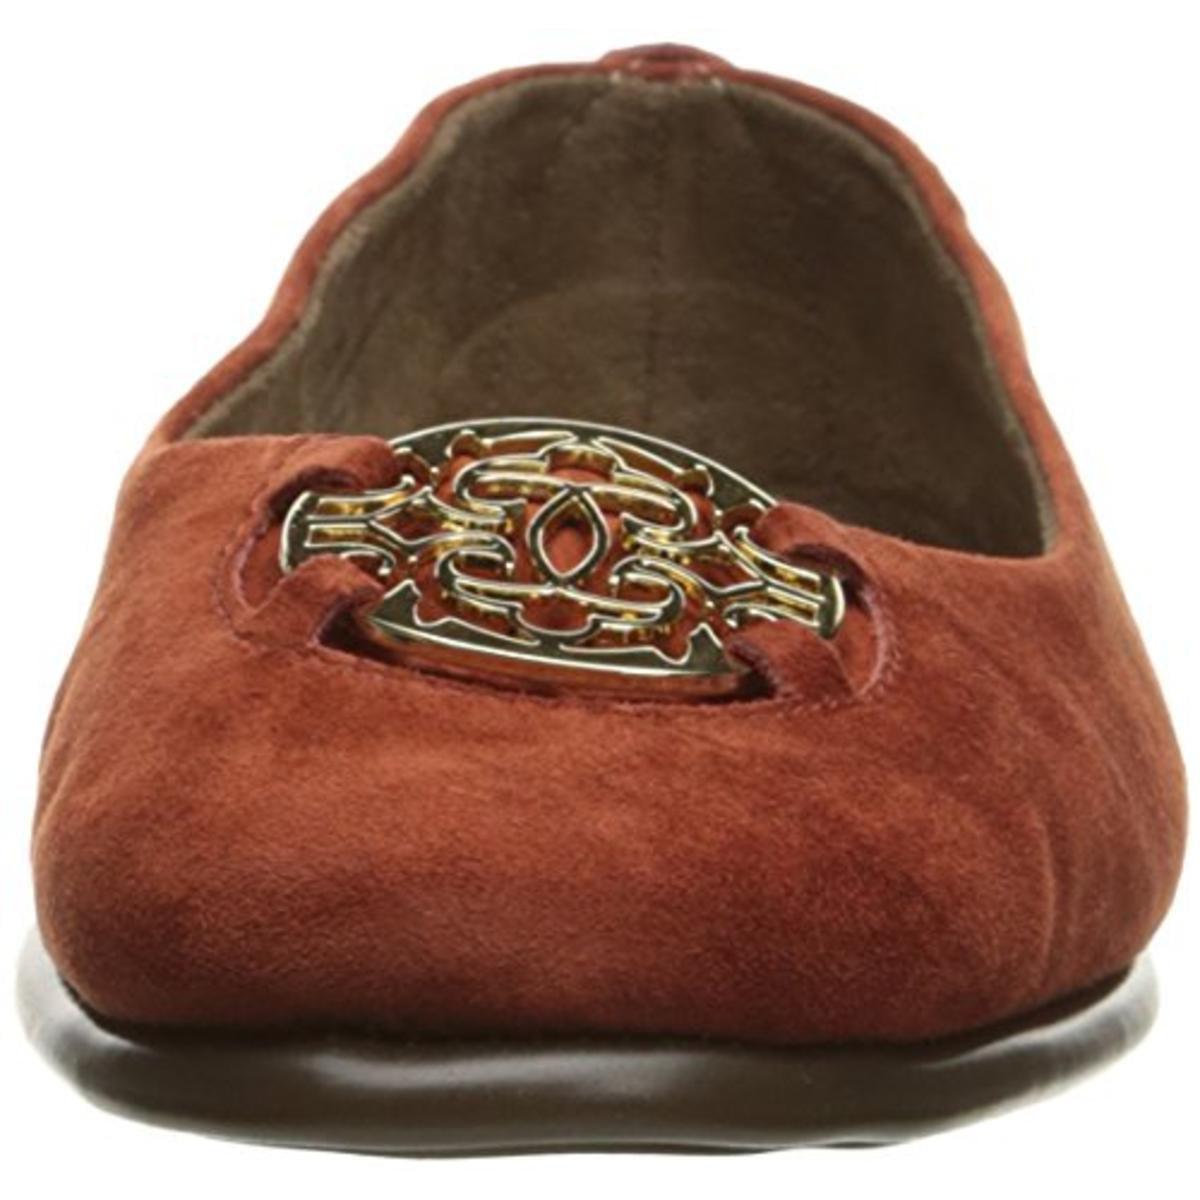 Women's Aerosoles Exhibet Flat Economical, stylish, and eye-catching shoes